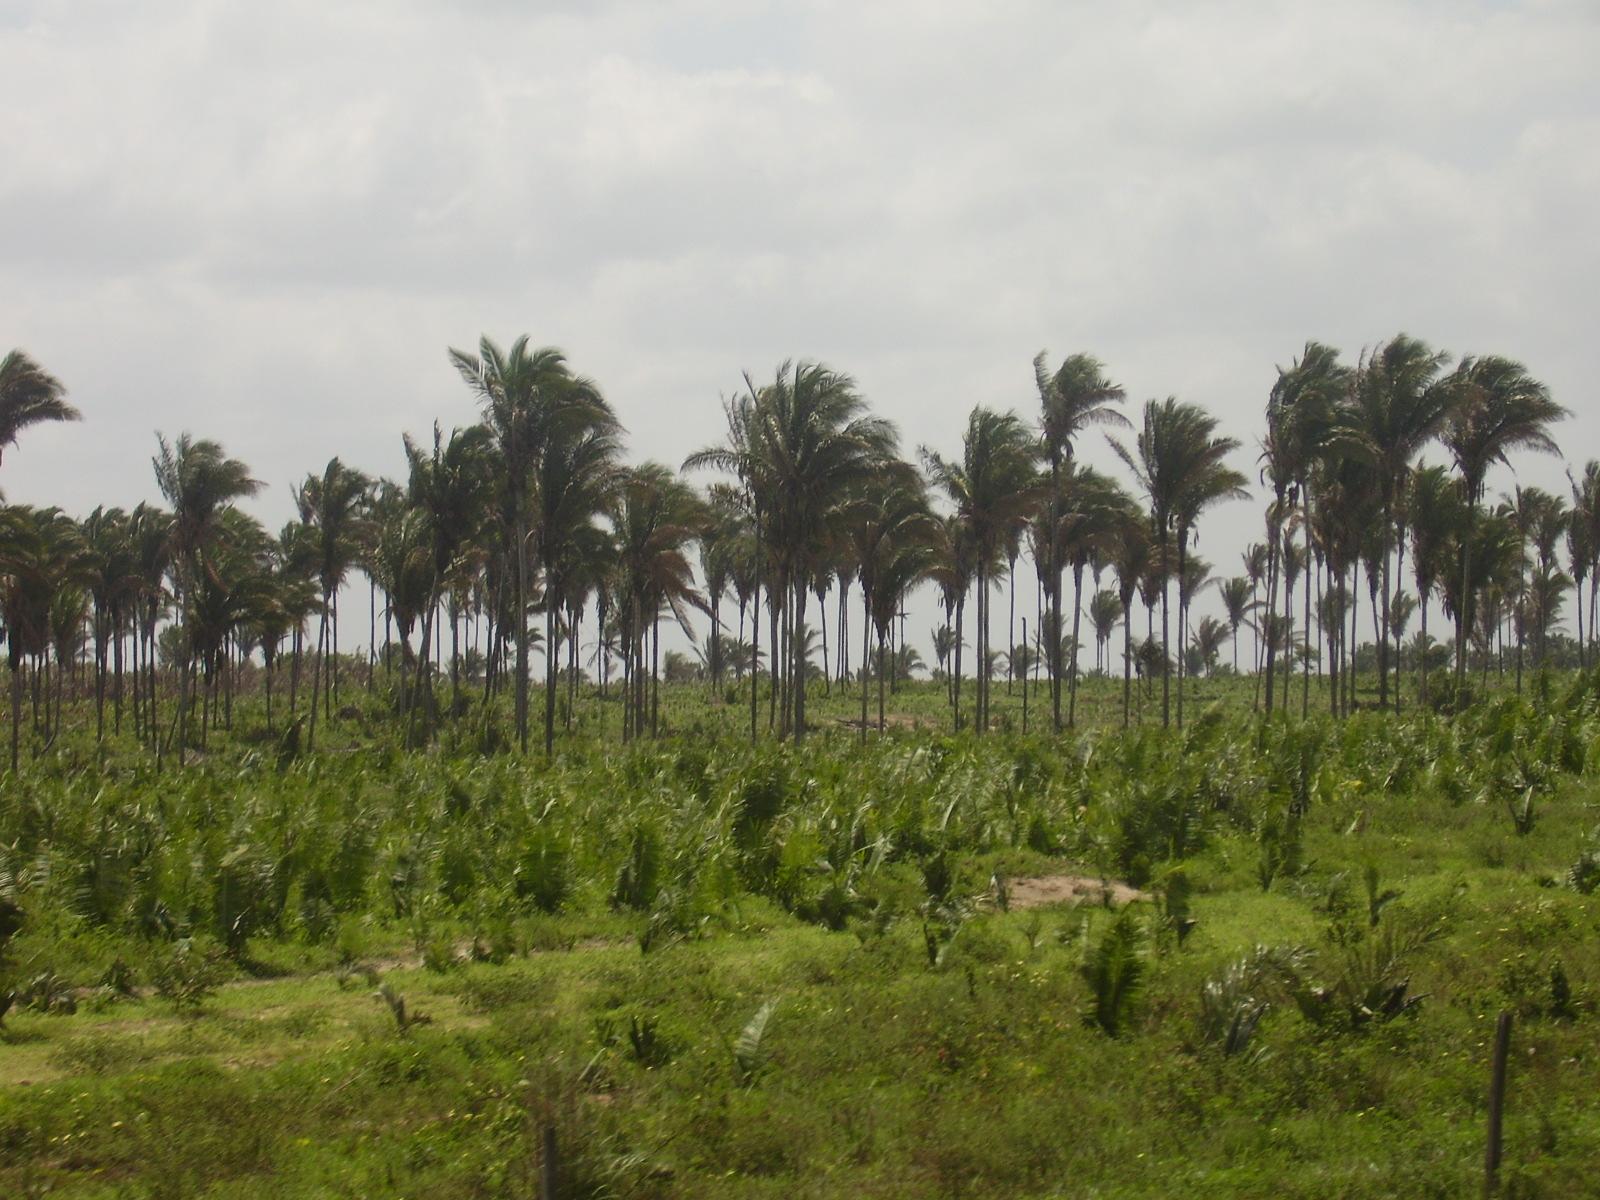 Palm plantation in Juruti, Brazil